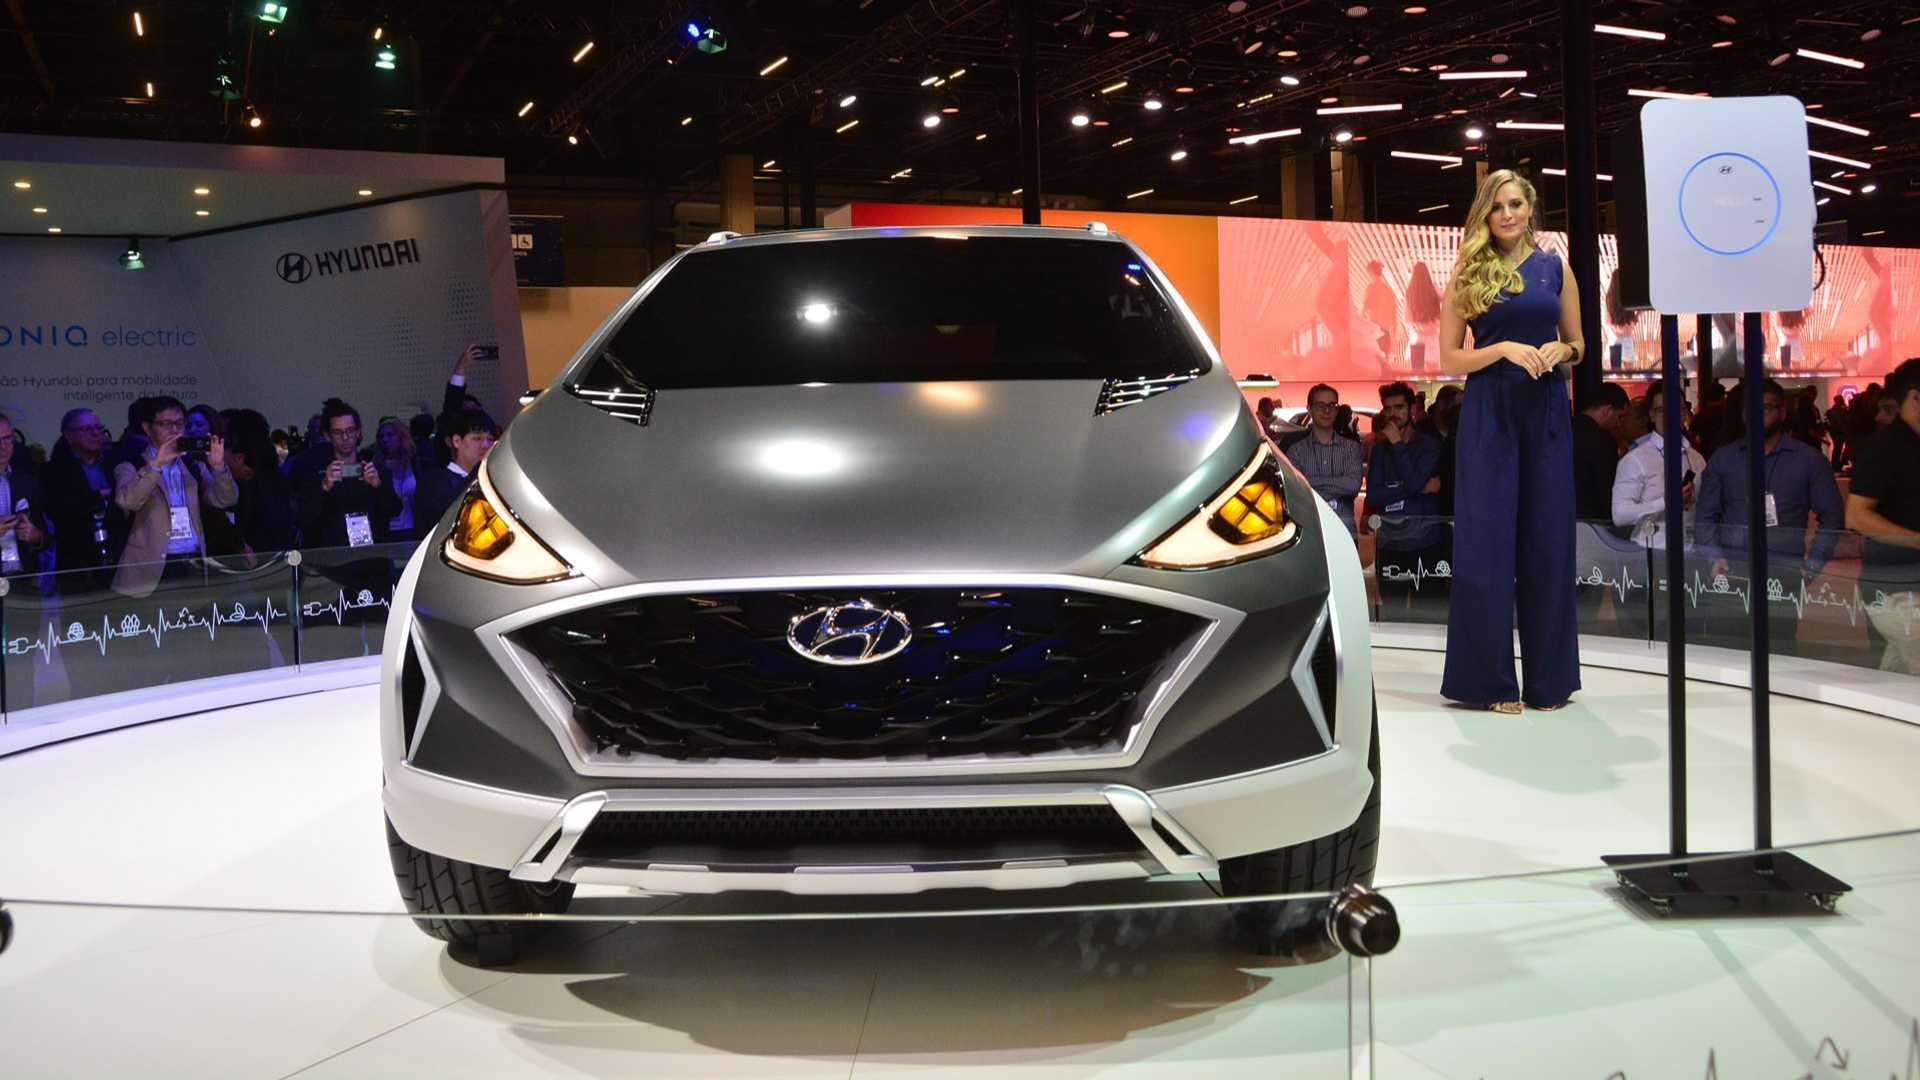 Hyundai с прототипами RM, электромобиль с электромотором и средней мощностью